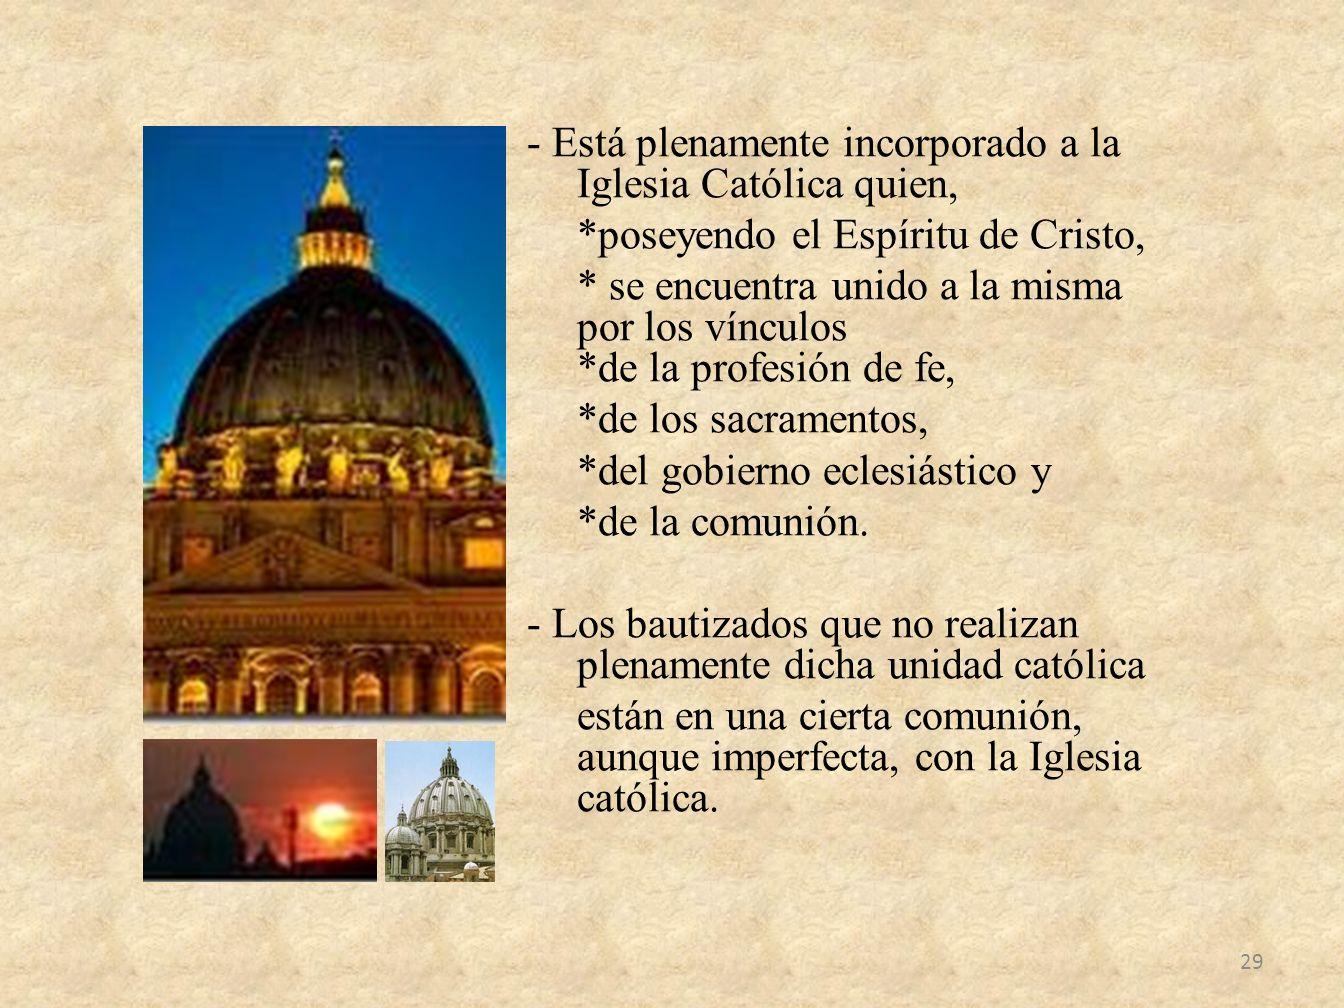 - Está plenamente incorporado a la Iglesia Católica quien, *poseyendo el Espíritu de Cristo, * se encuentra unido a la misma por los vínculos *de la p